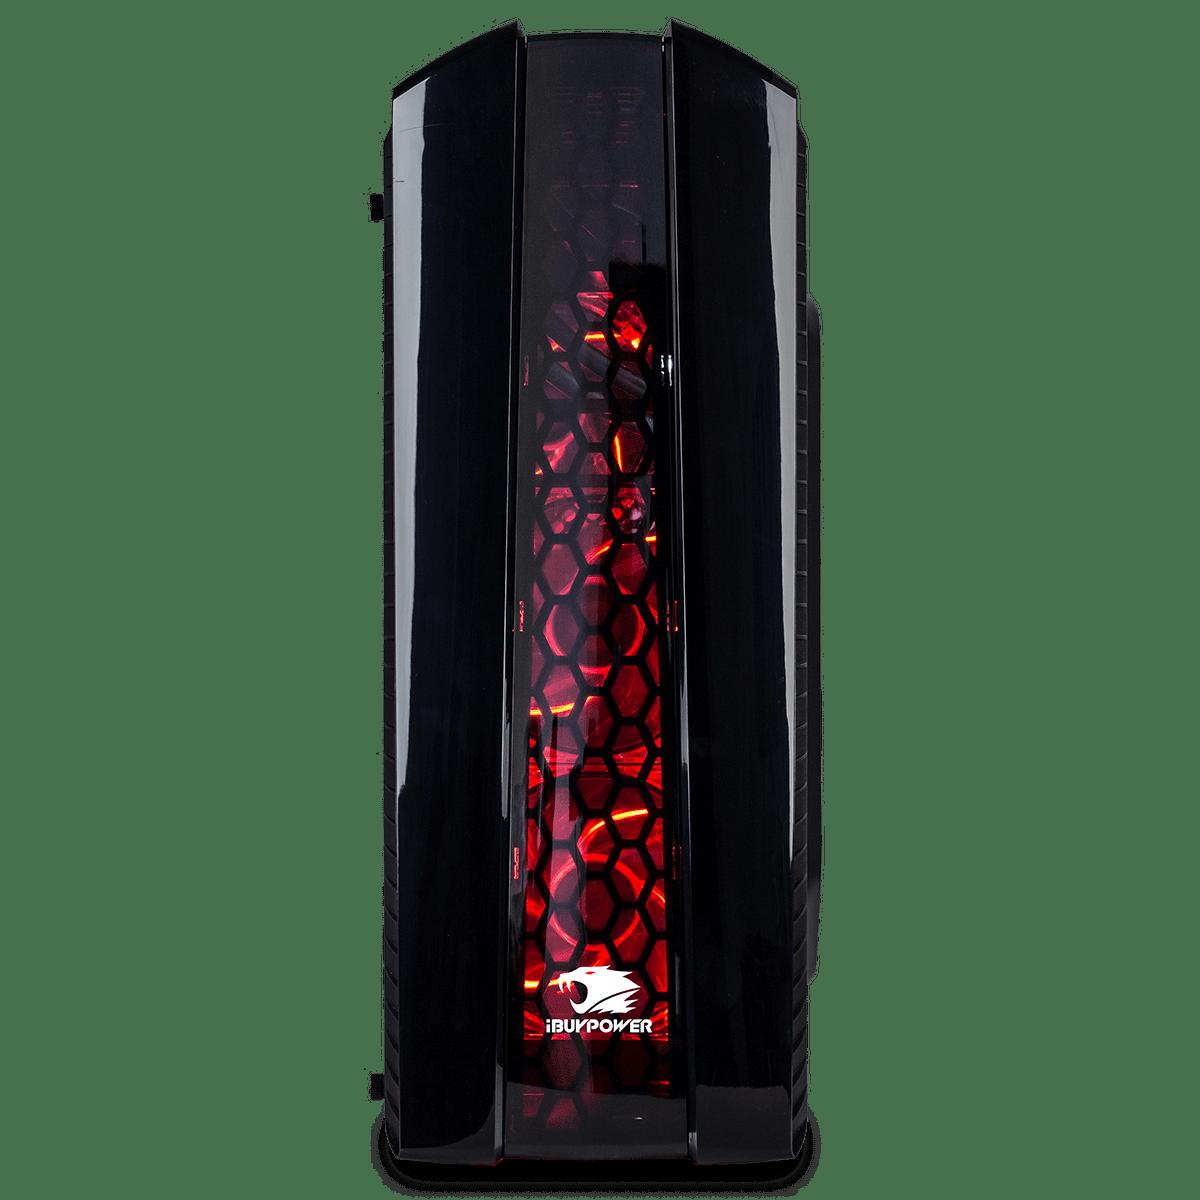 AMD Ryzen 5 HRO II